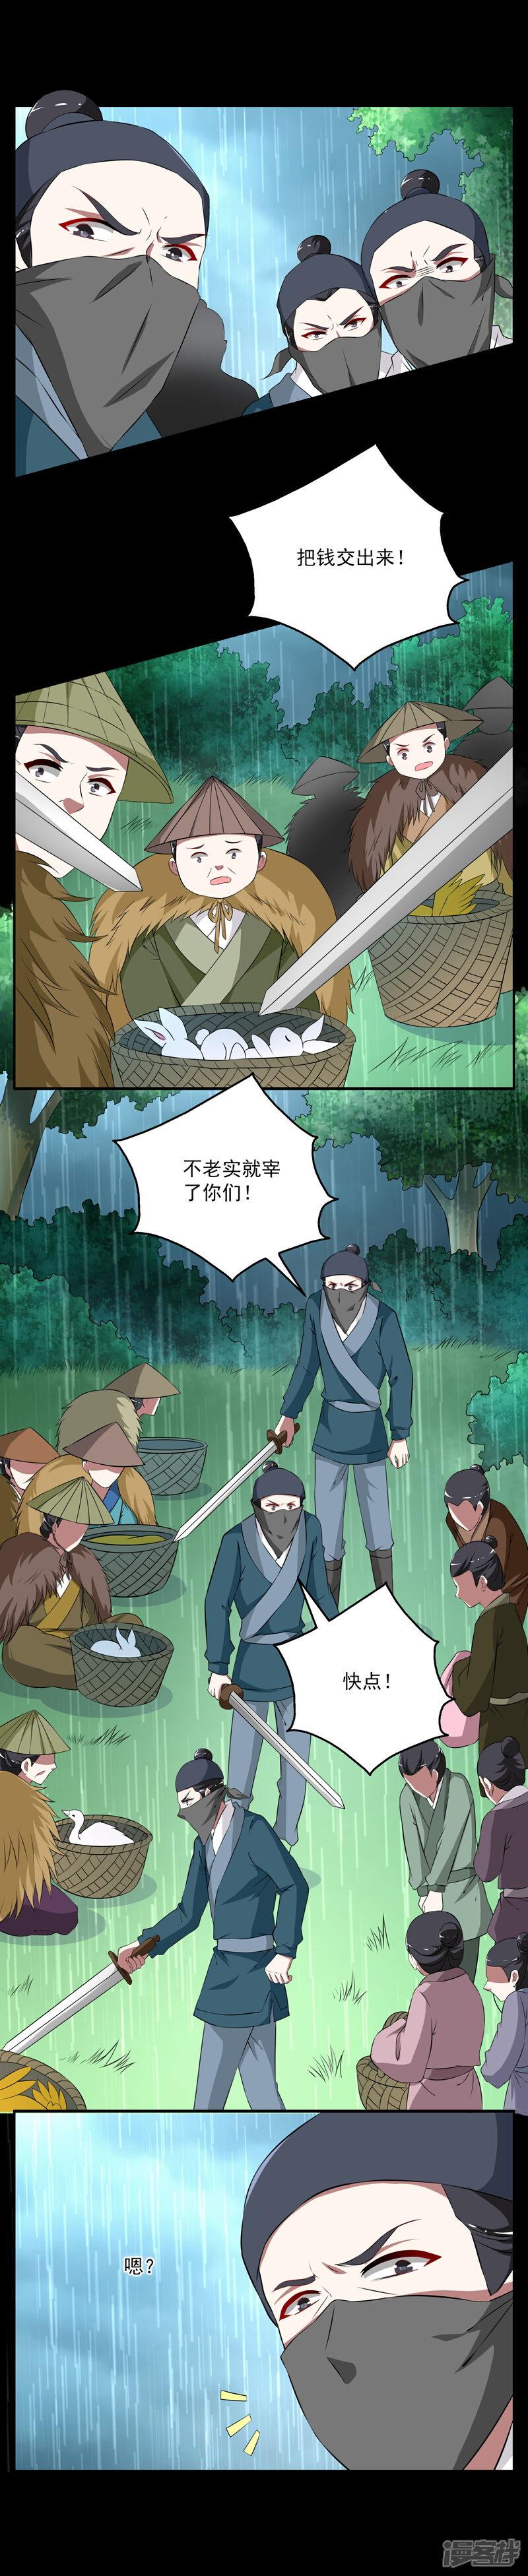 洛小妖192 (3).JPG